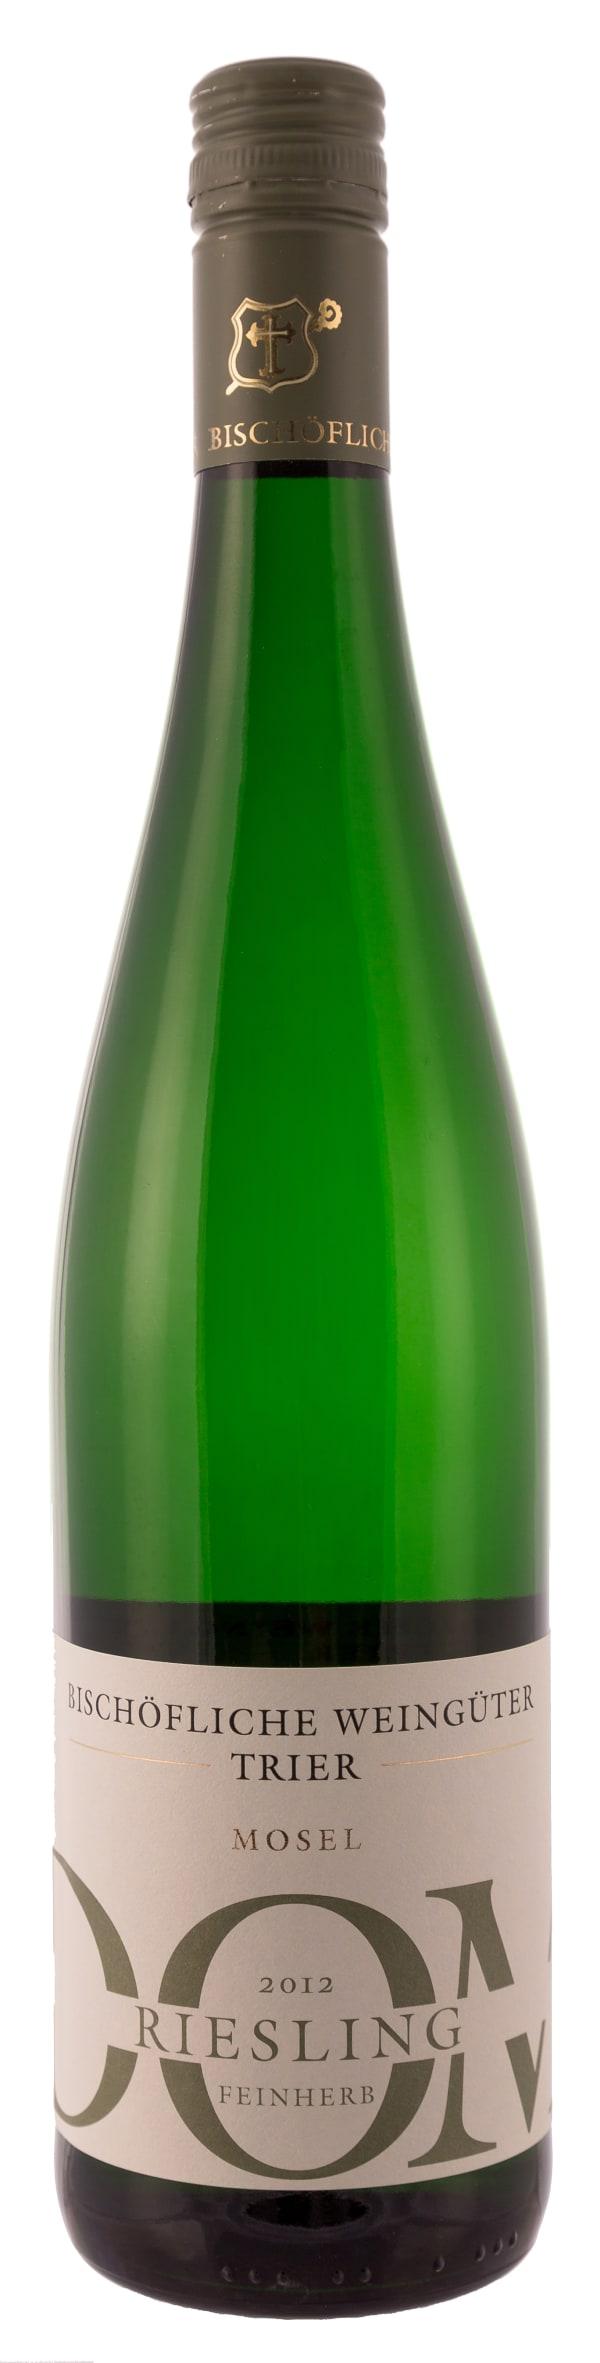 DOM Bischöfliche Weingüter Trier Riesling Feinherb 2016